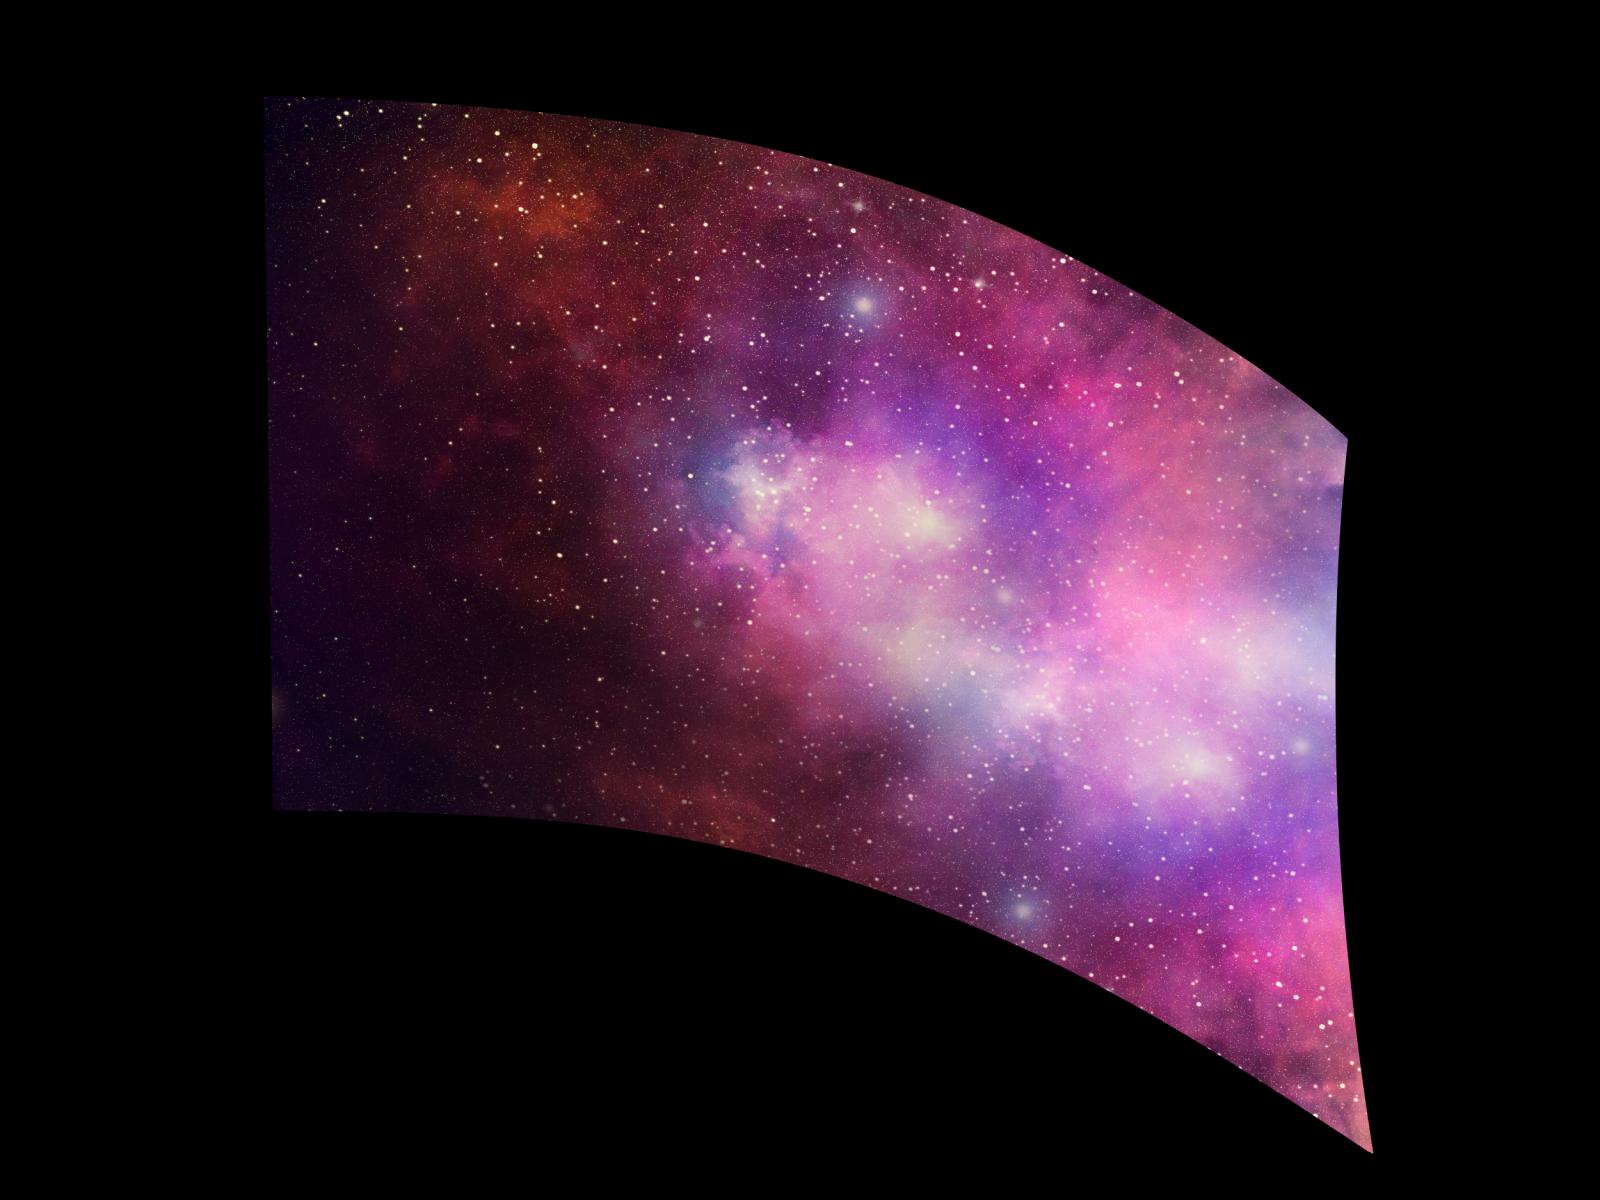 050206s - 36x54 Standard Galaxy 1